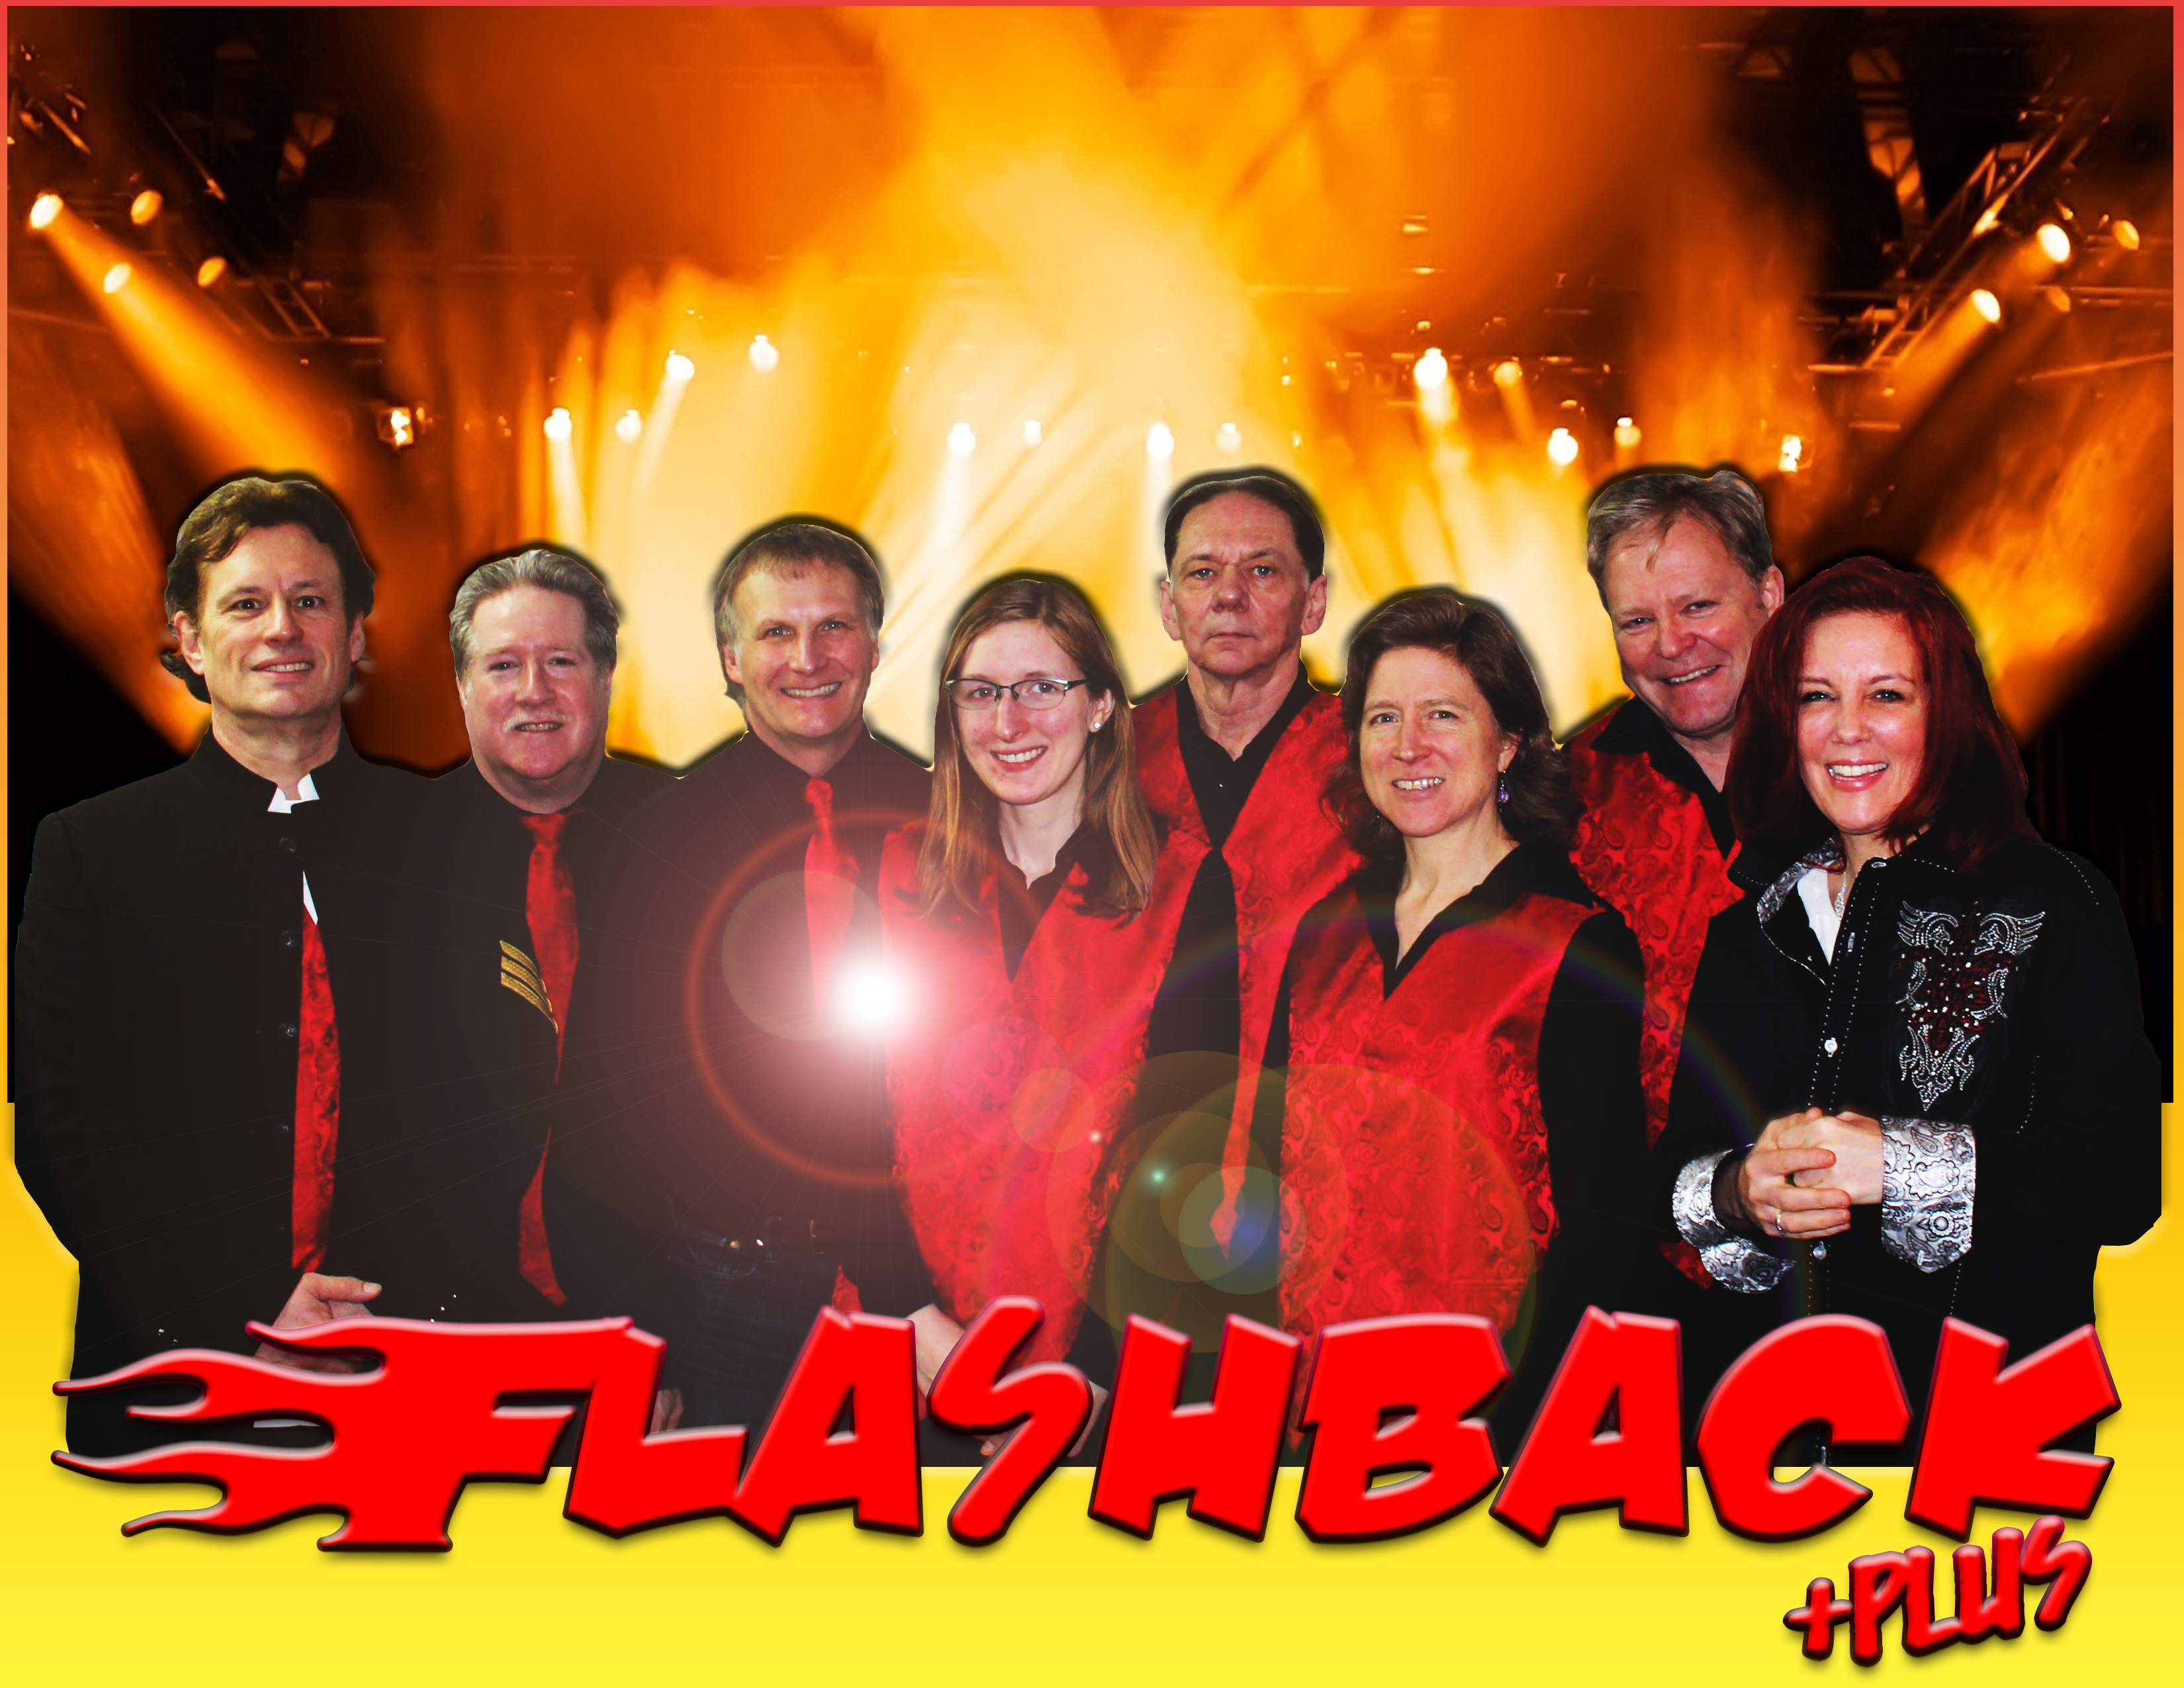 FLASHBACK Plus Promo